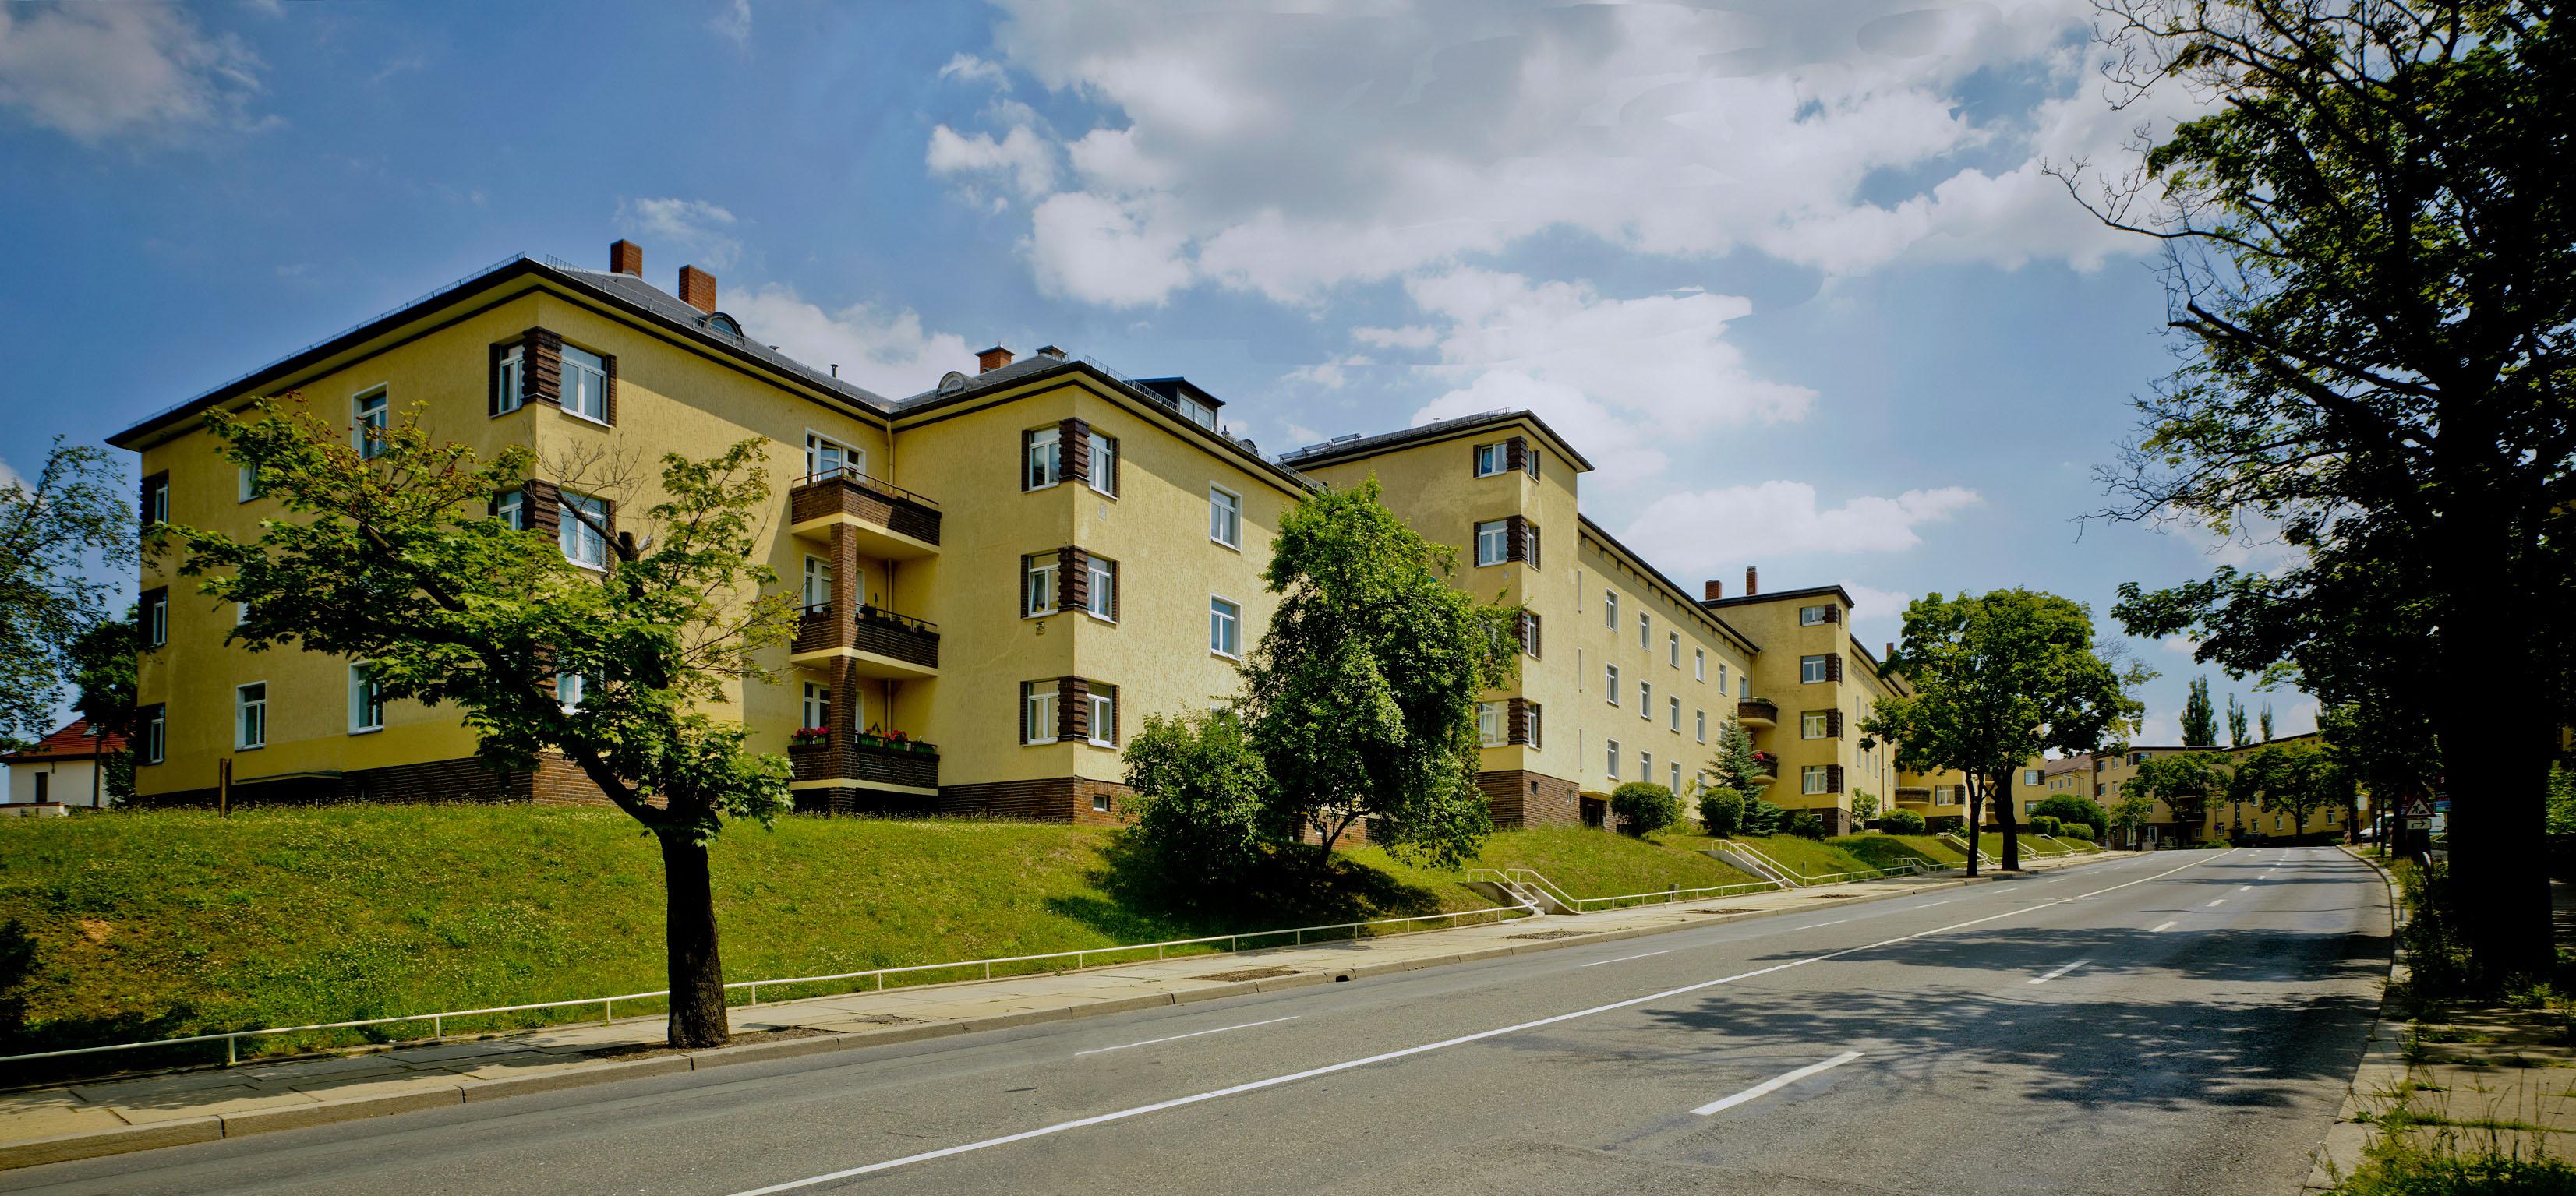 Straßenseitige Ansicht eines zweistöckigen gelbverputzten Wohnbolckes mit Balkonen und Fenstern über Eck